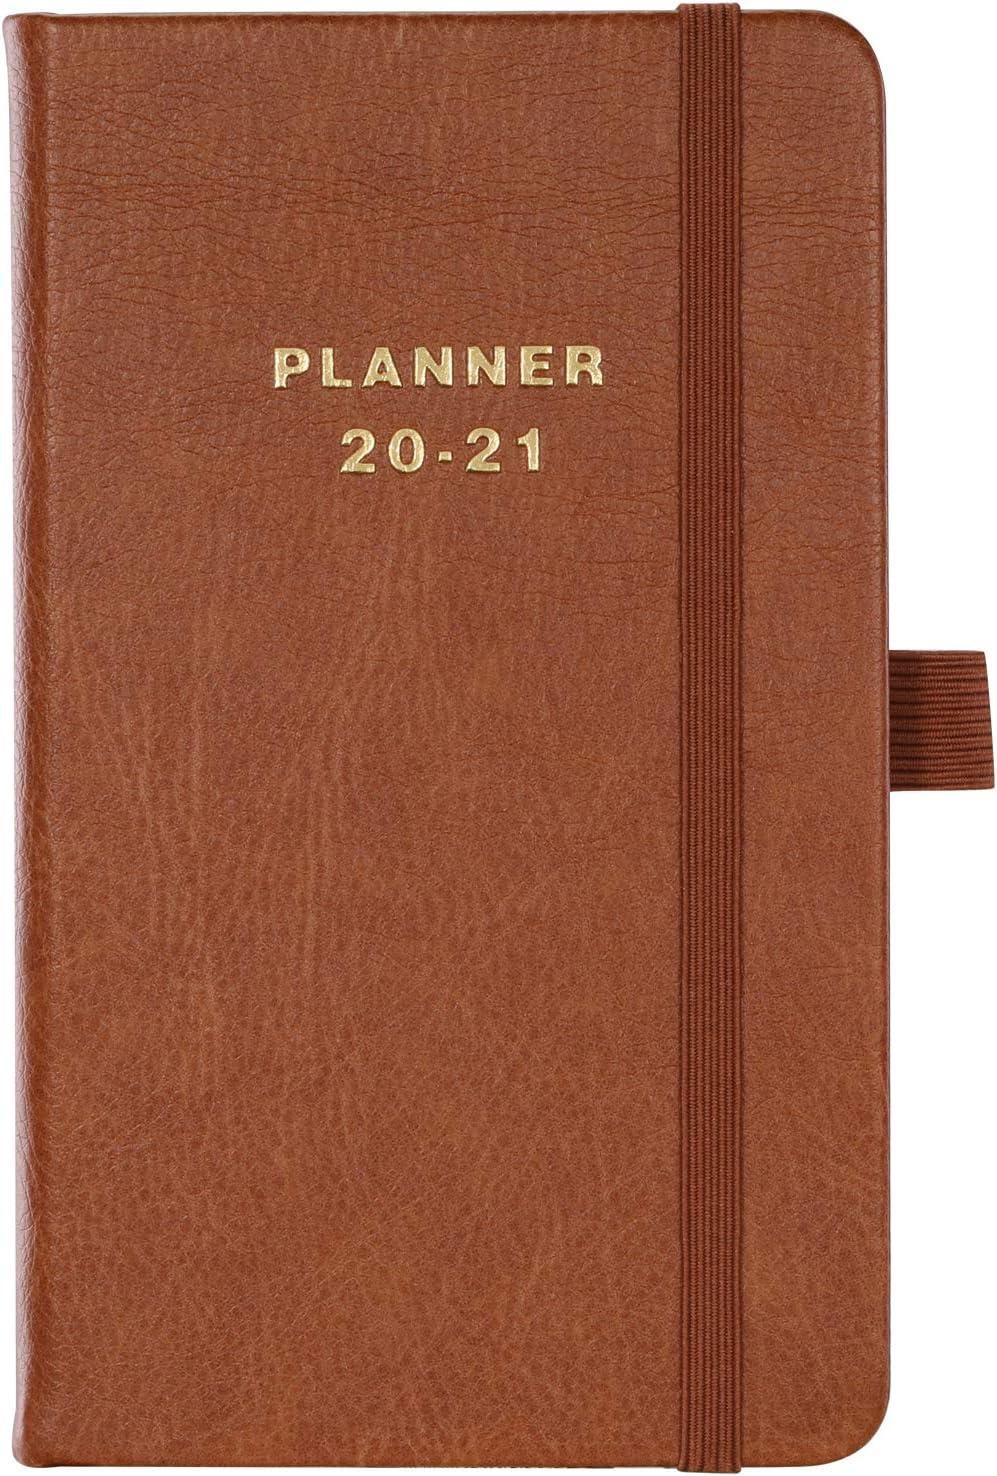 Agenda de bolsillo, 2020 2021 Agenda semanal a6, 12 meses, 16x10cm